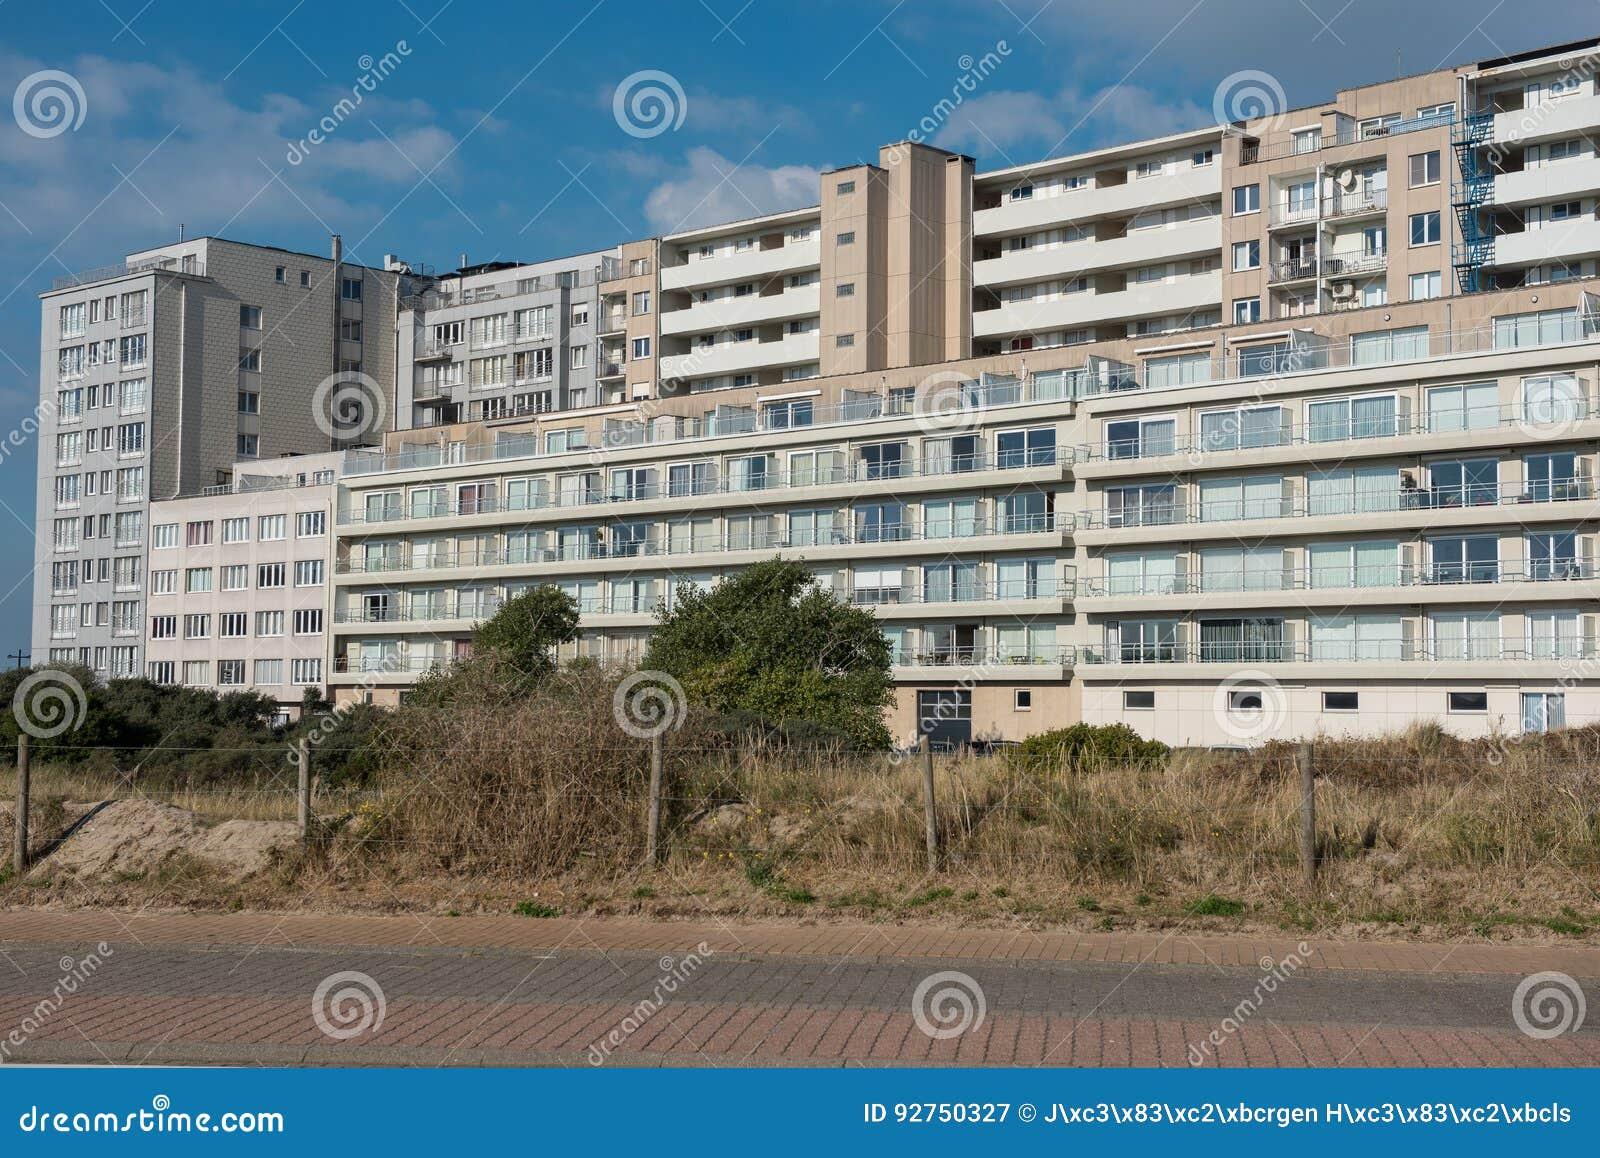 Architectuur - flatgebouwen in België, Vlaanderen op Nort